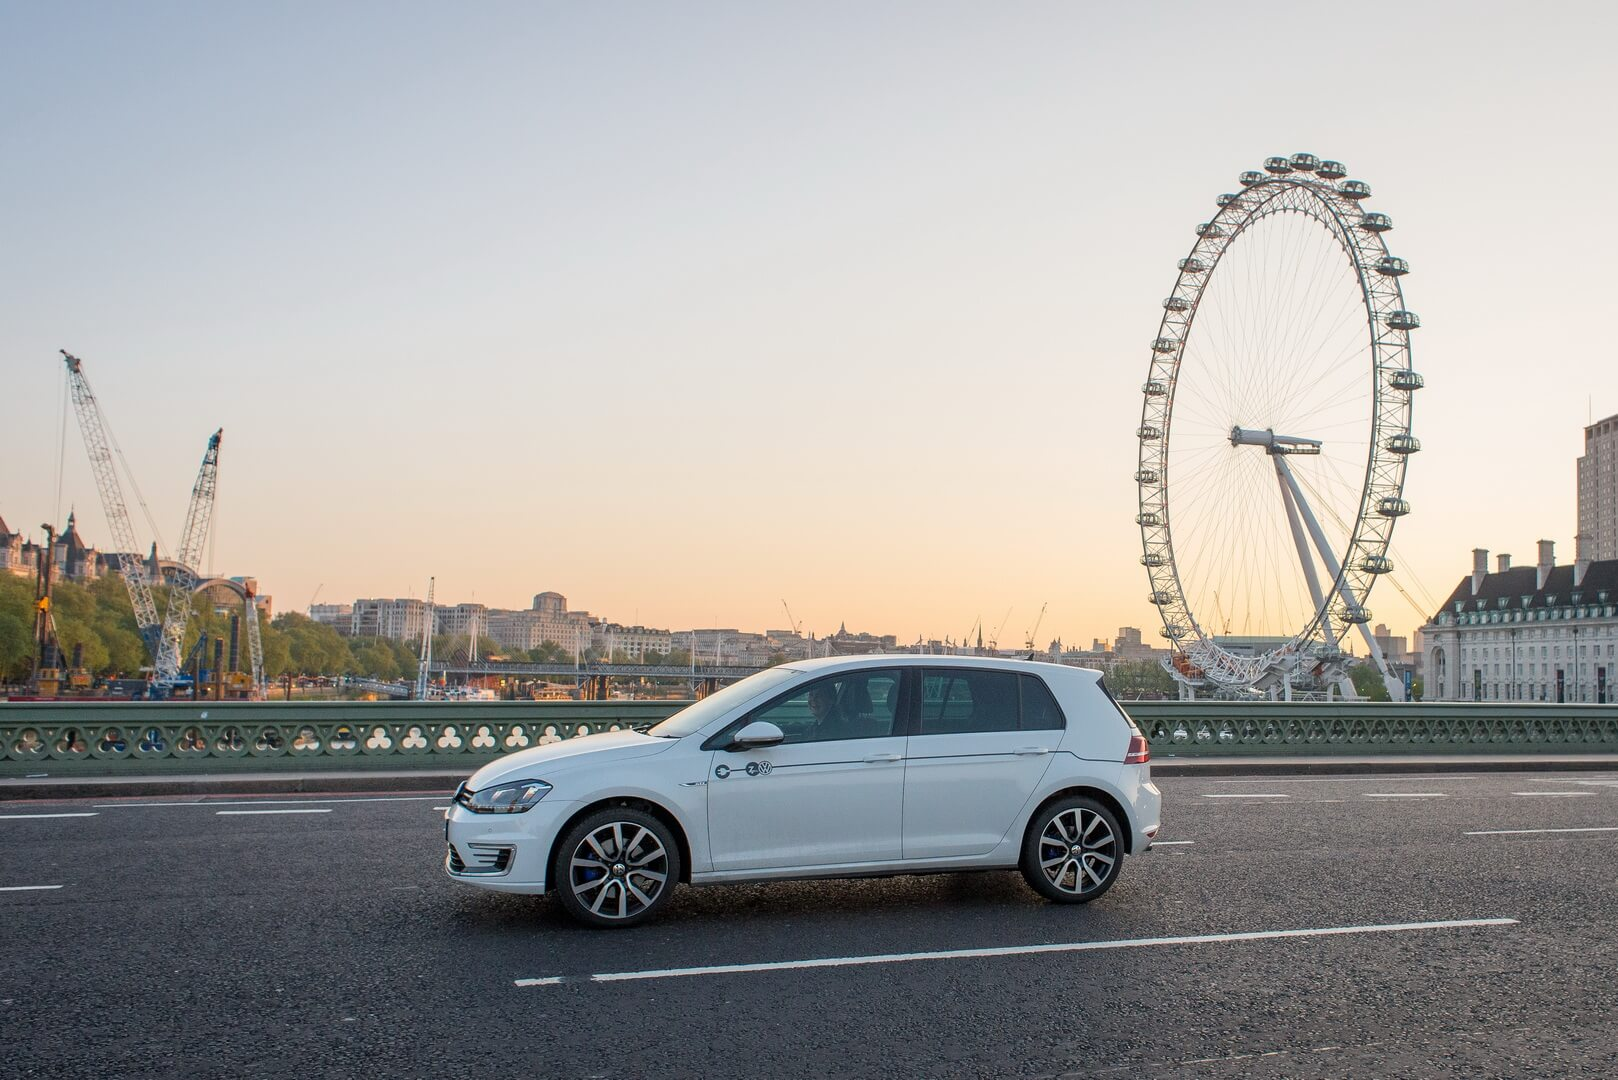 Электромобиль Volkswagen e-Golf в услугах каршеринга